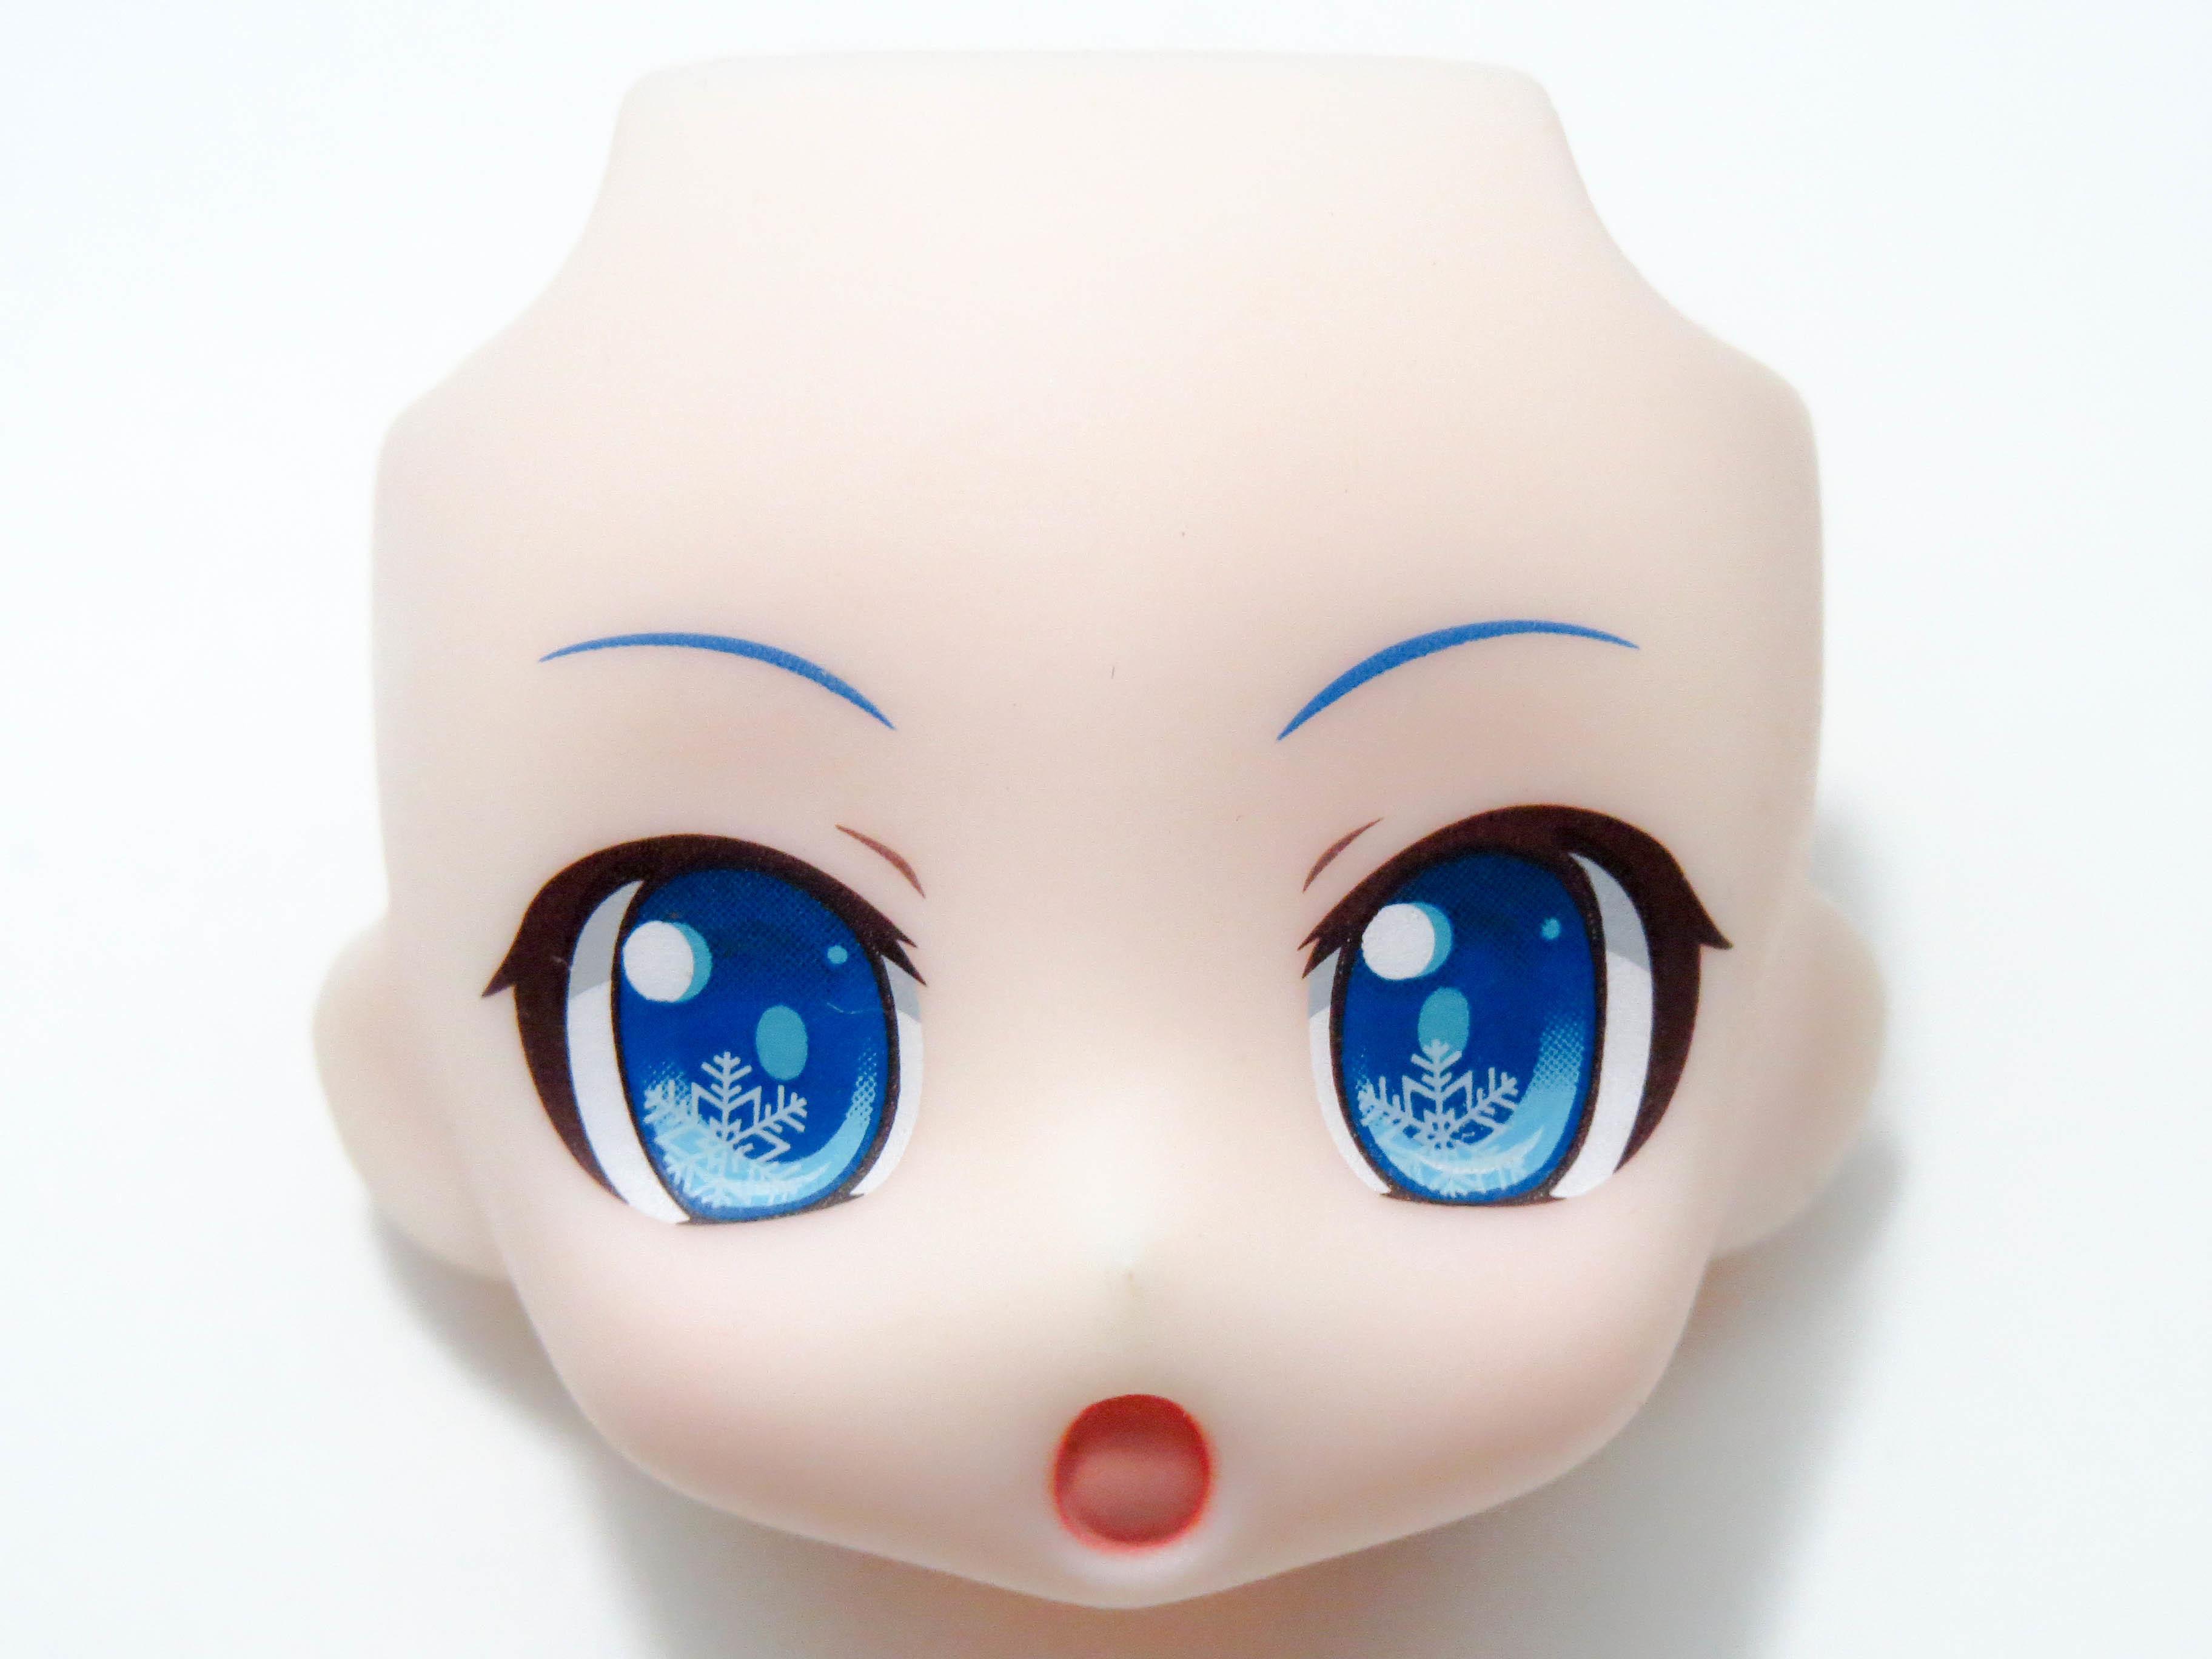 再入荷【380】 雪ミク Magical Snow Ver. 顔パーツ 魔法使用顔 ねんどろいど